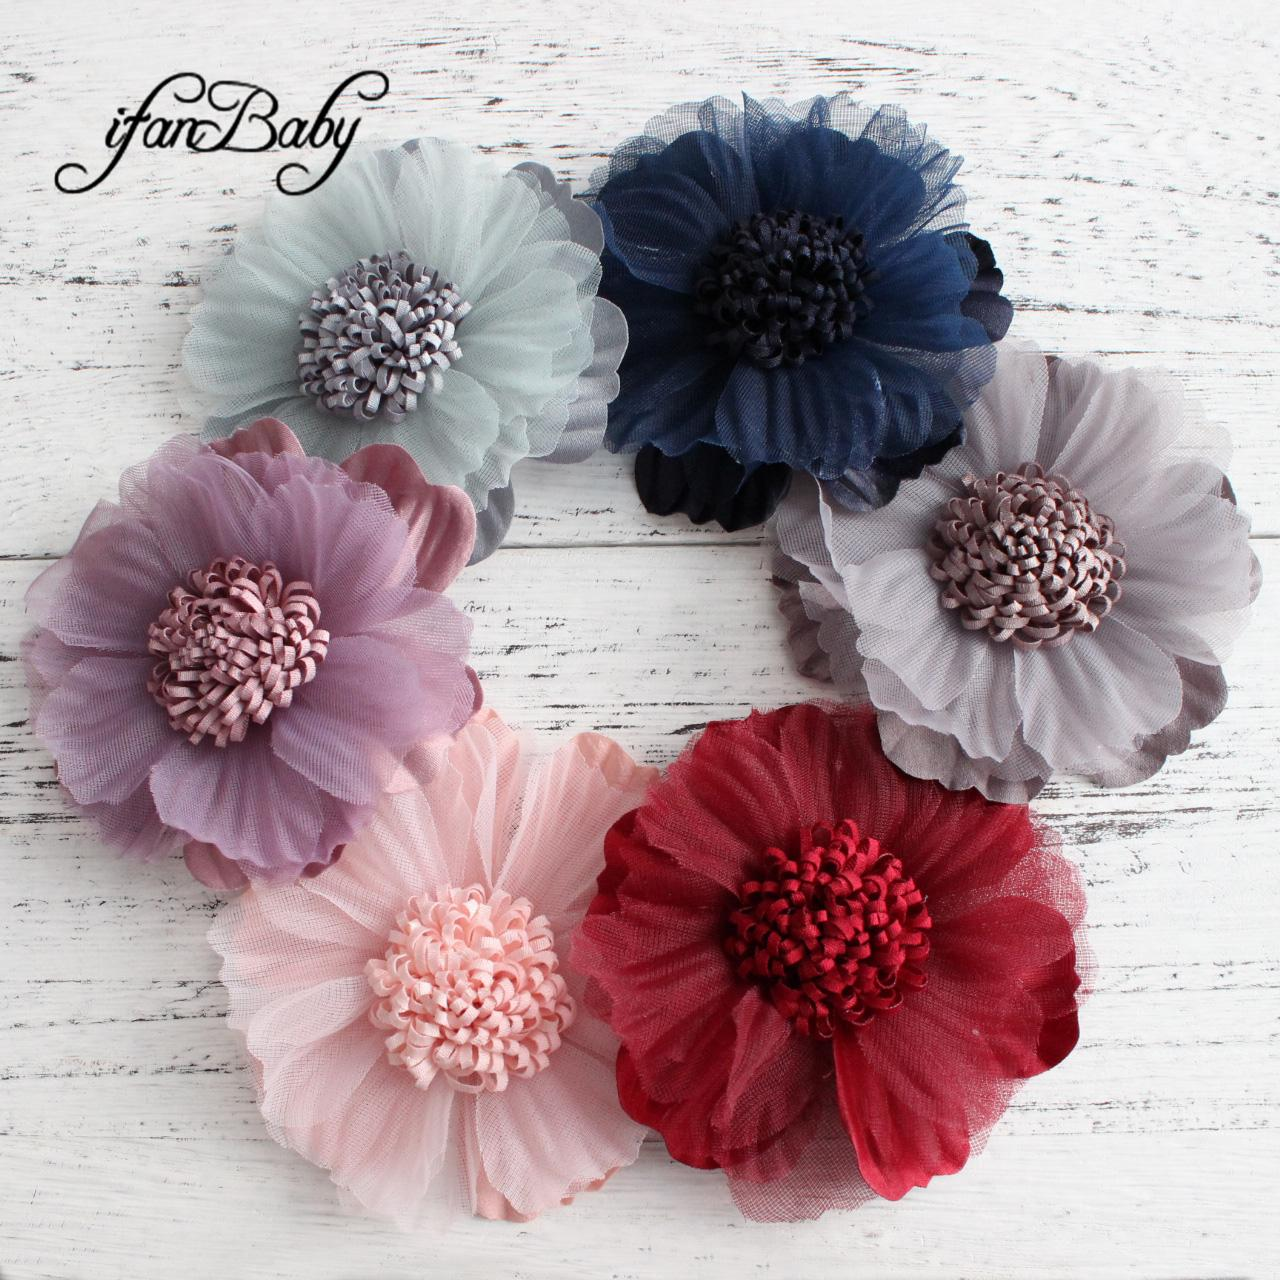 Großhandel Unfinished Kunstblumen Basteln Blume Für Schuhbrosche Kinderfrauenhaarzusätze Gewebeflache Rückseitige Blume Von Ifanbabystore 051 Auf